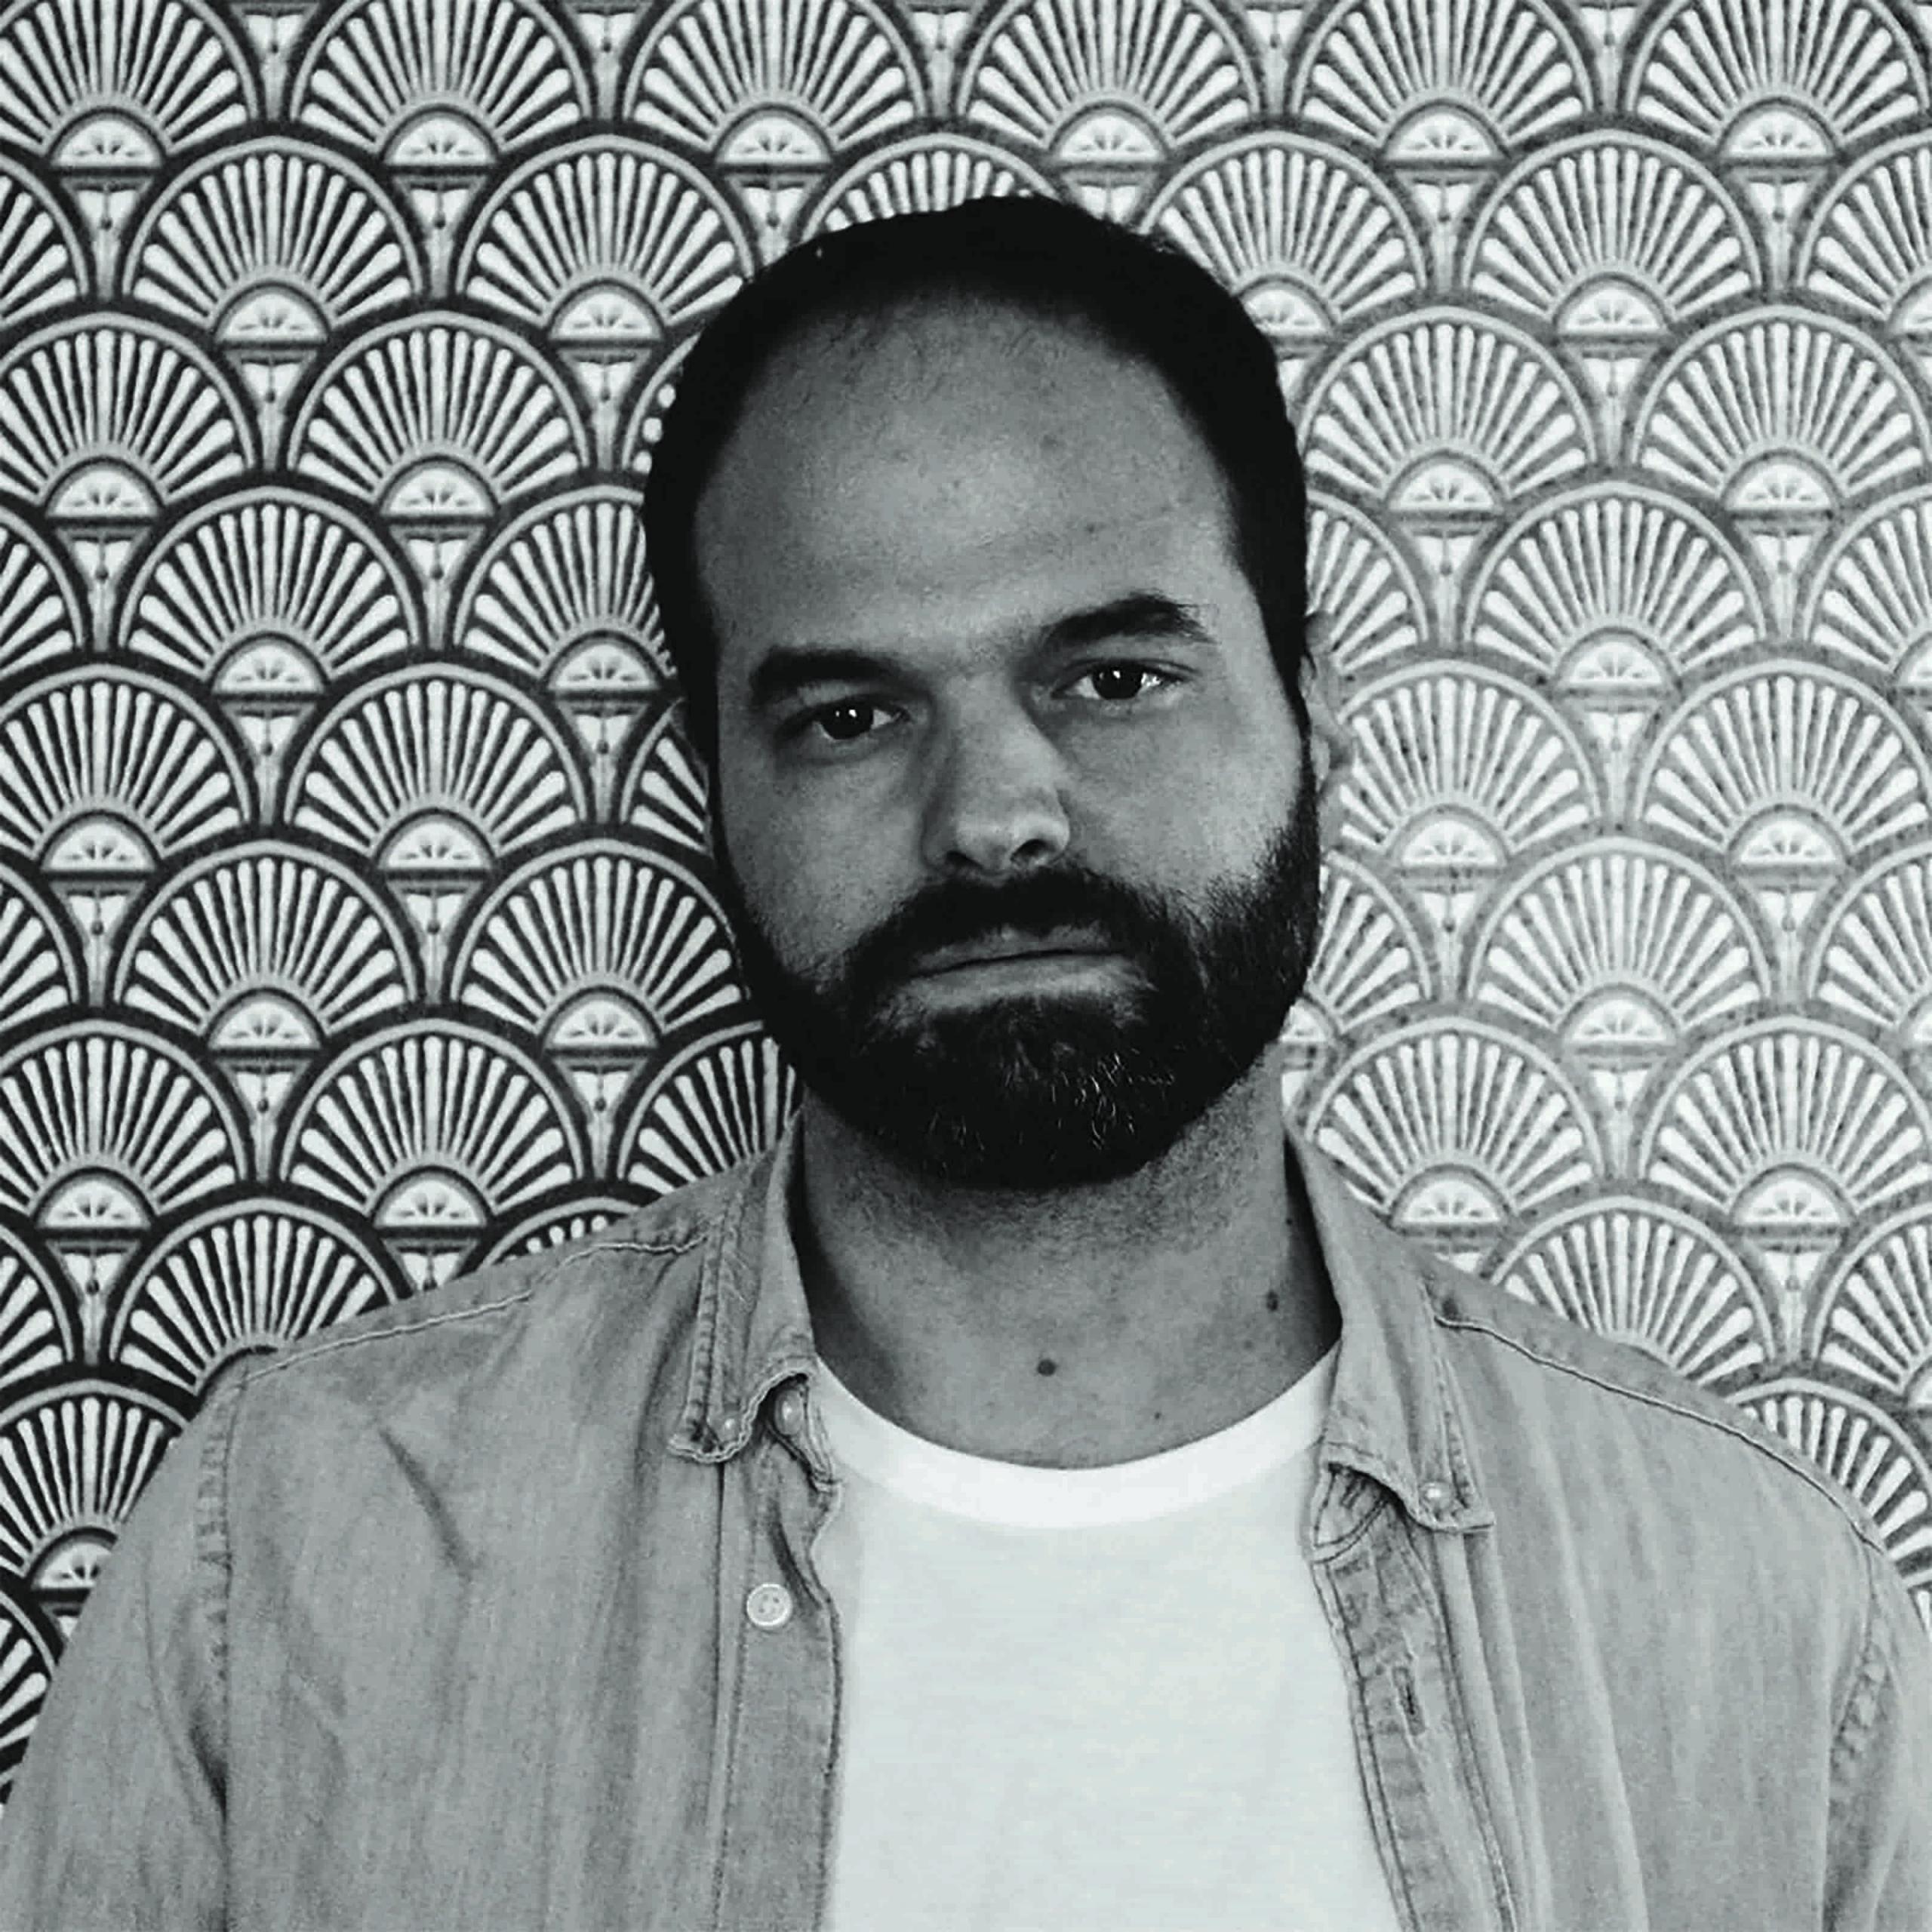 Mezzobusto in bianco e nero dello scrittore Fabio Deotto